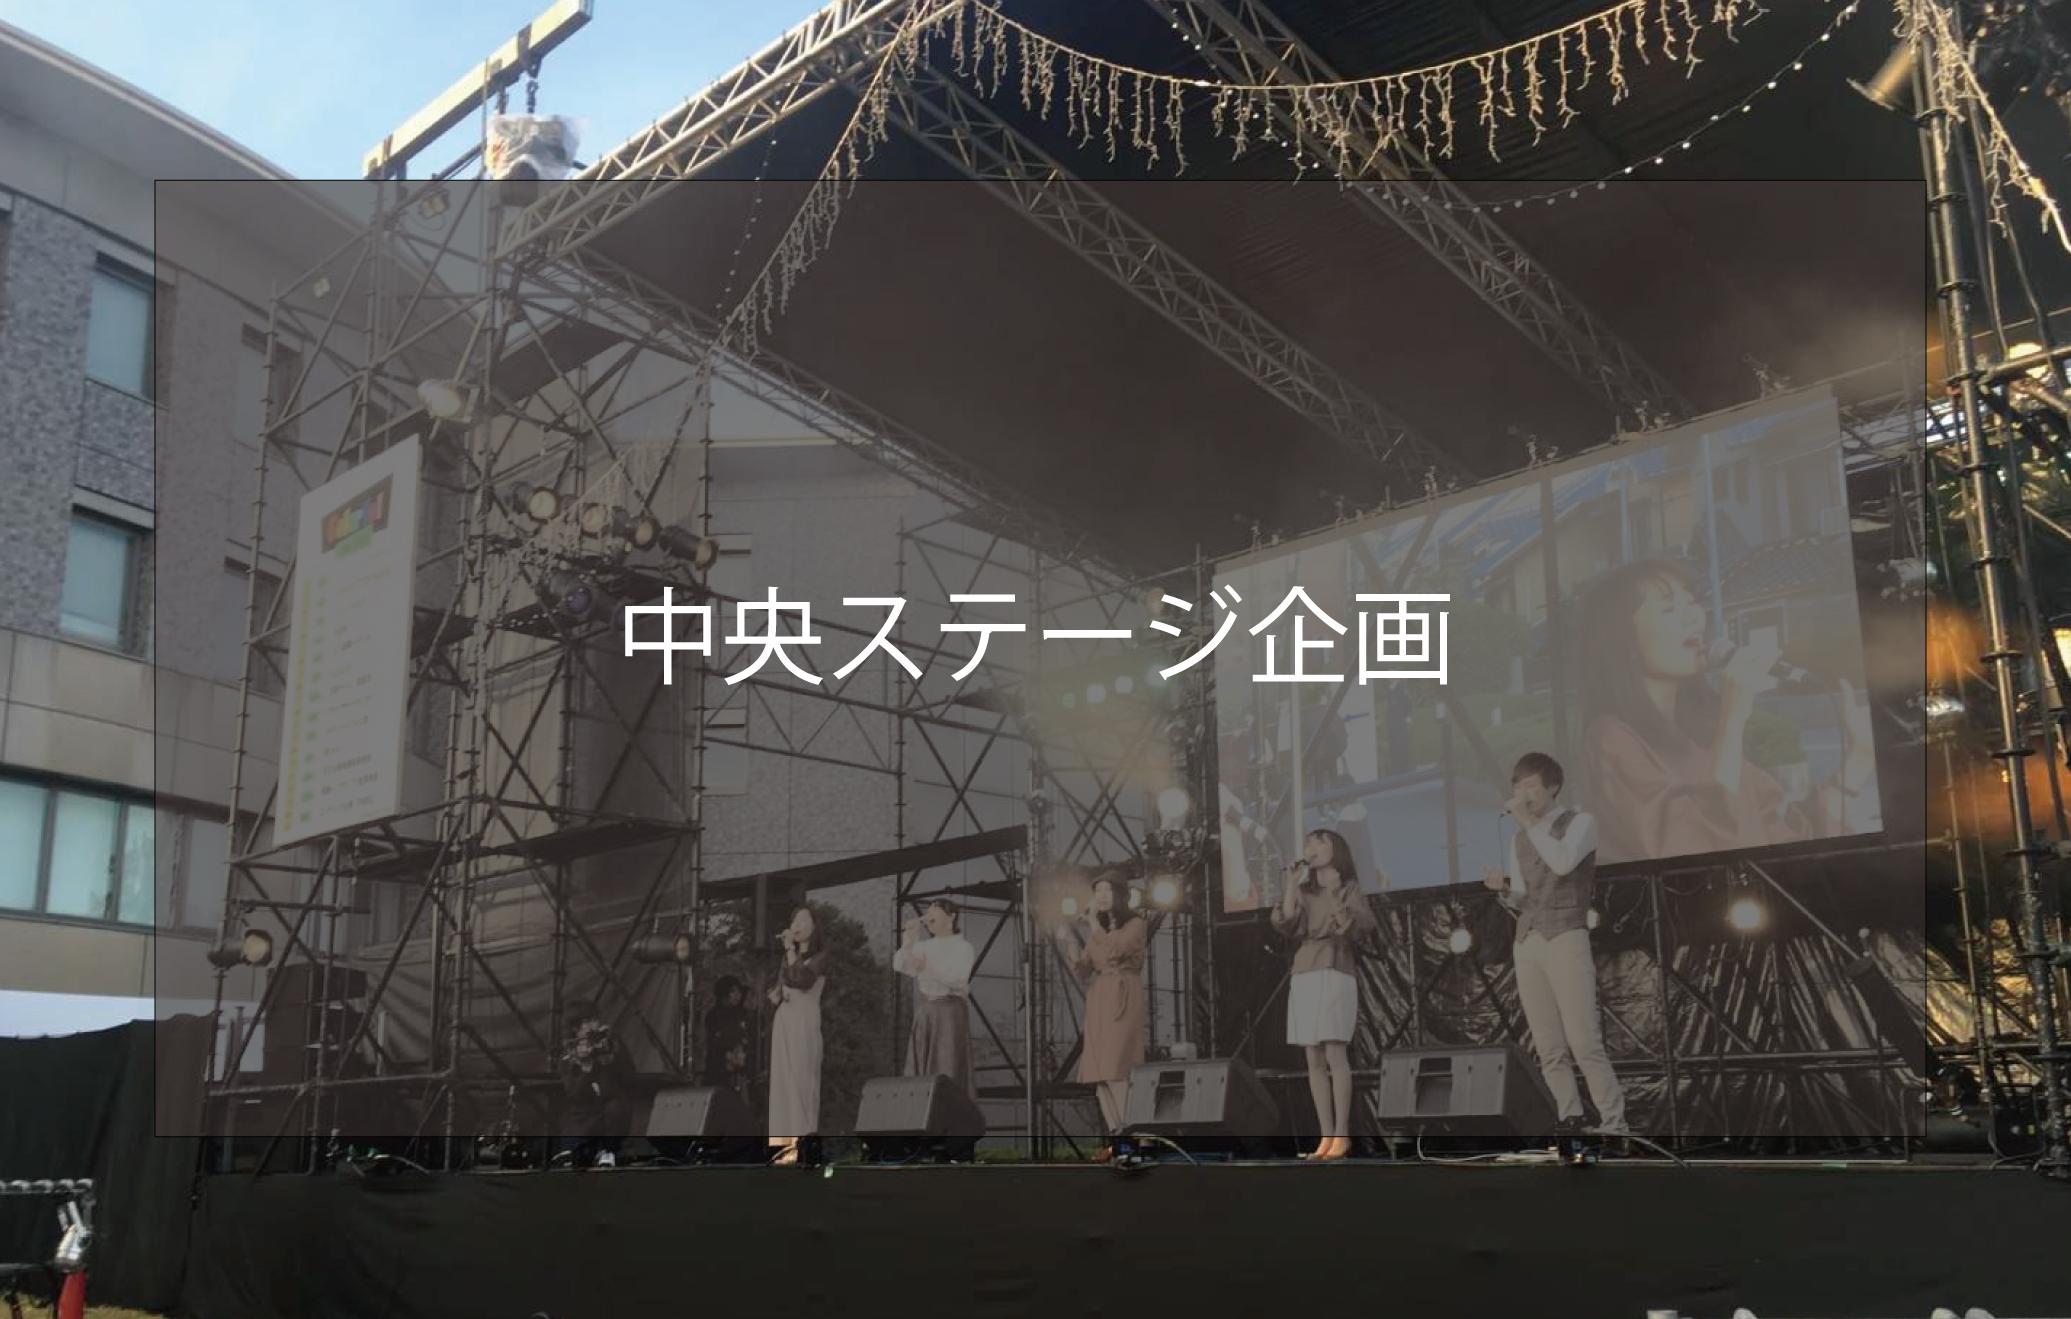 衣笠祭典 中央ステージ